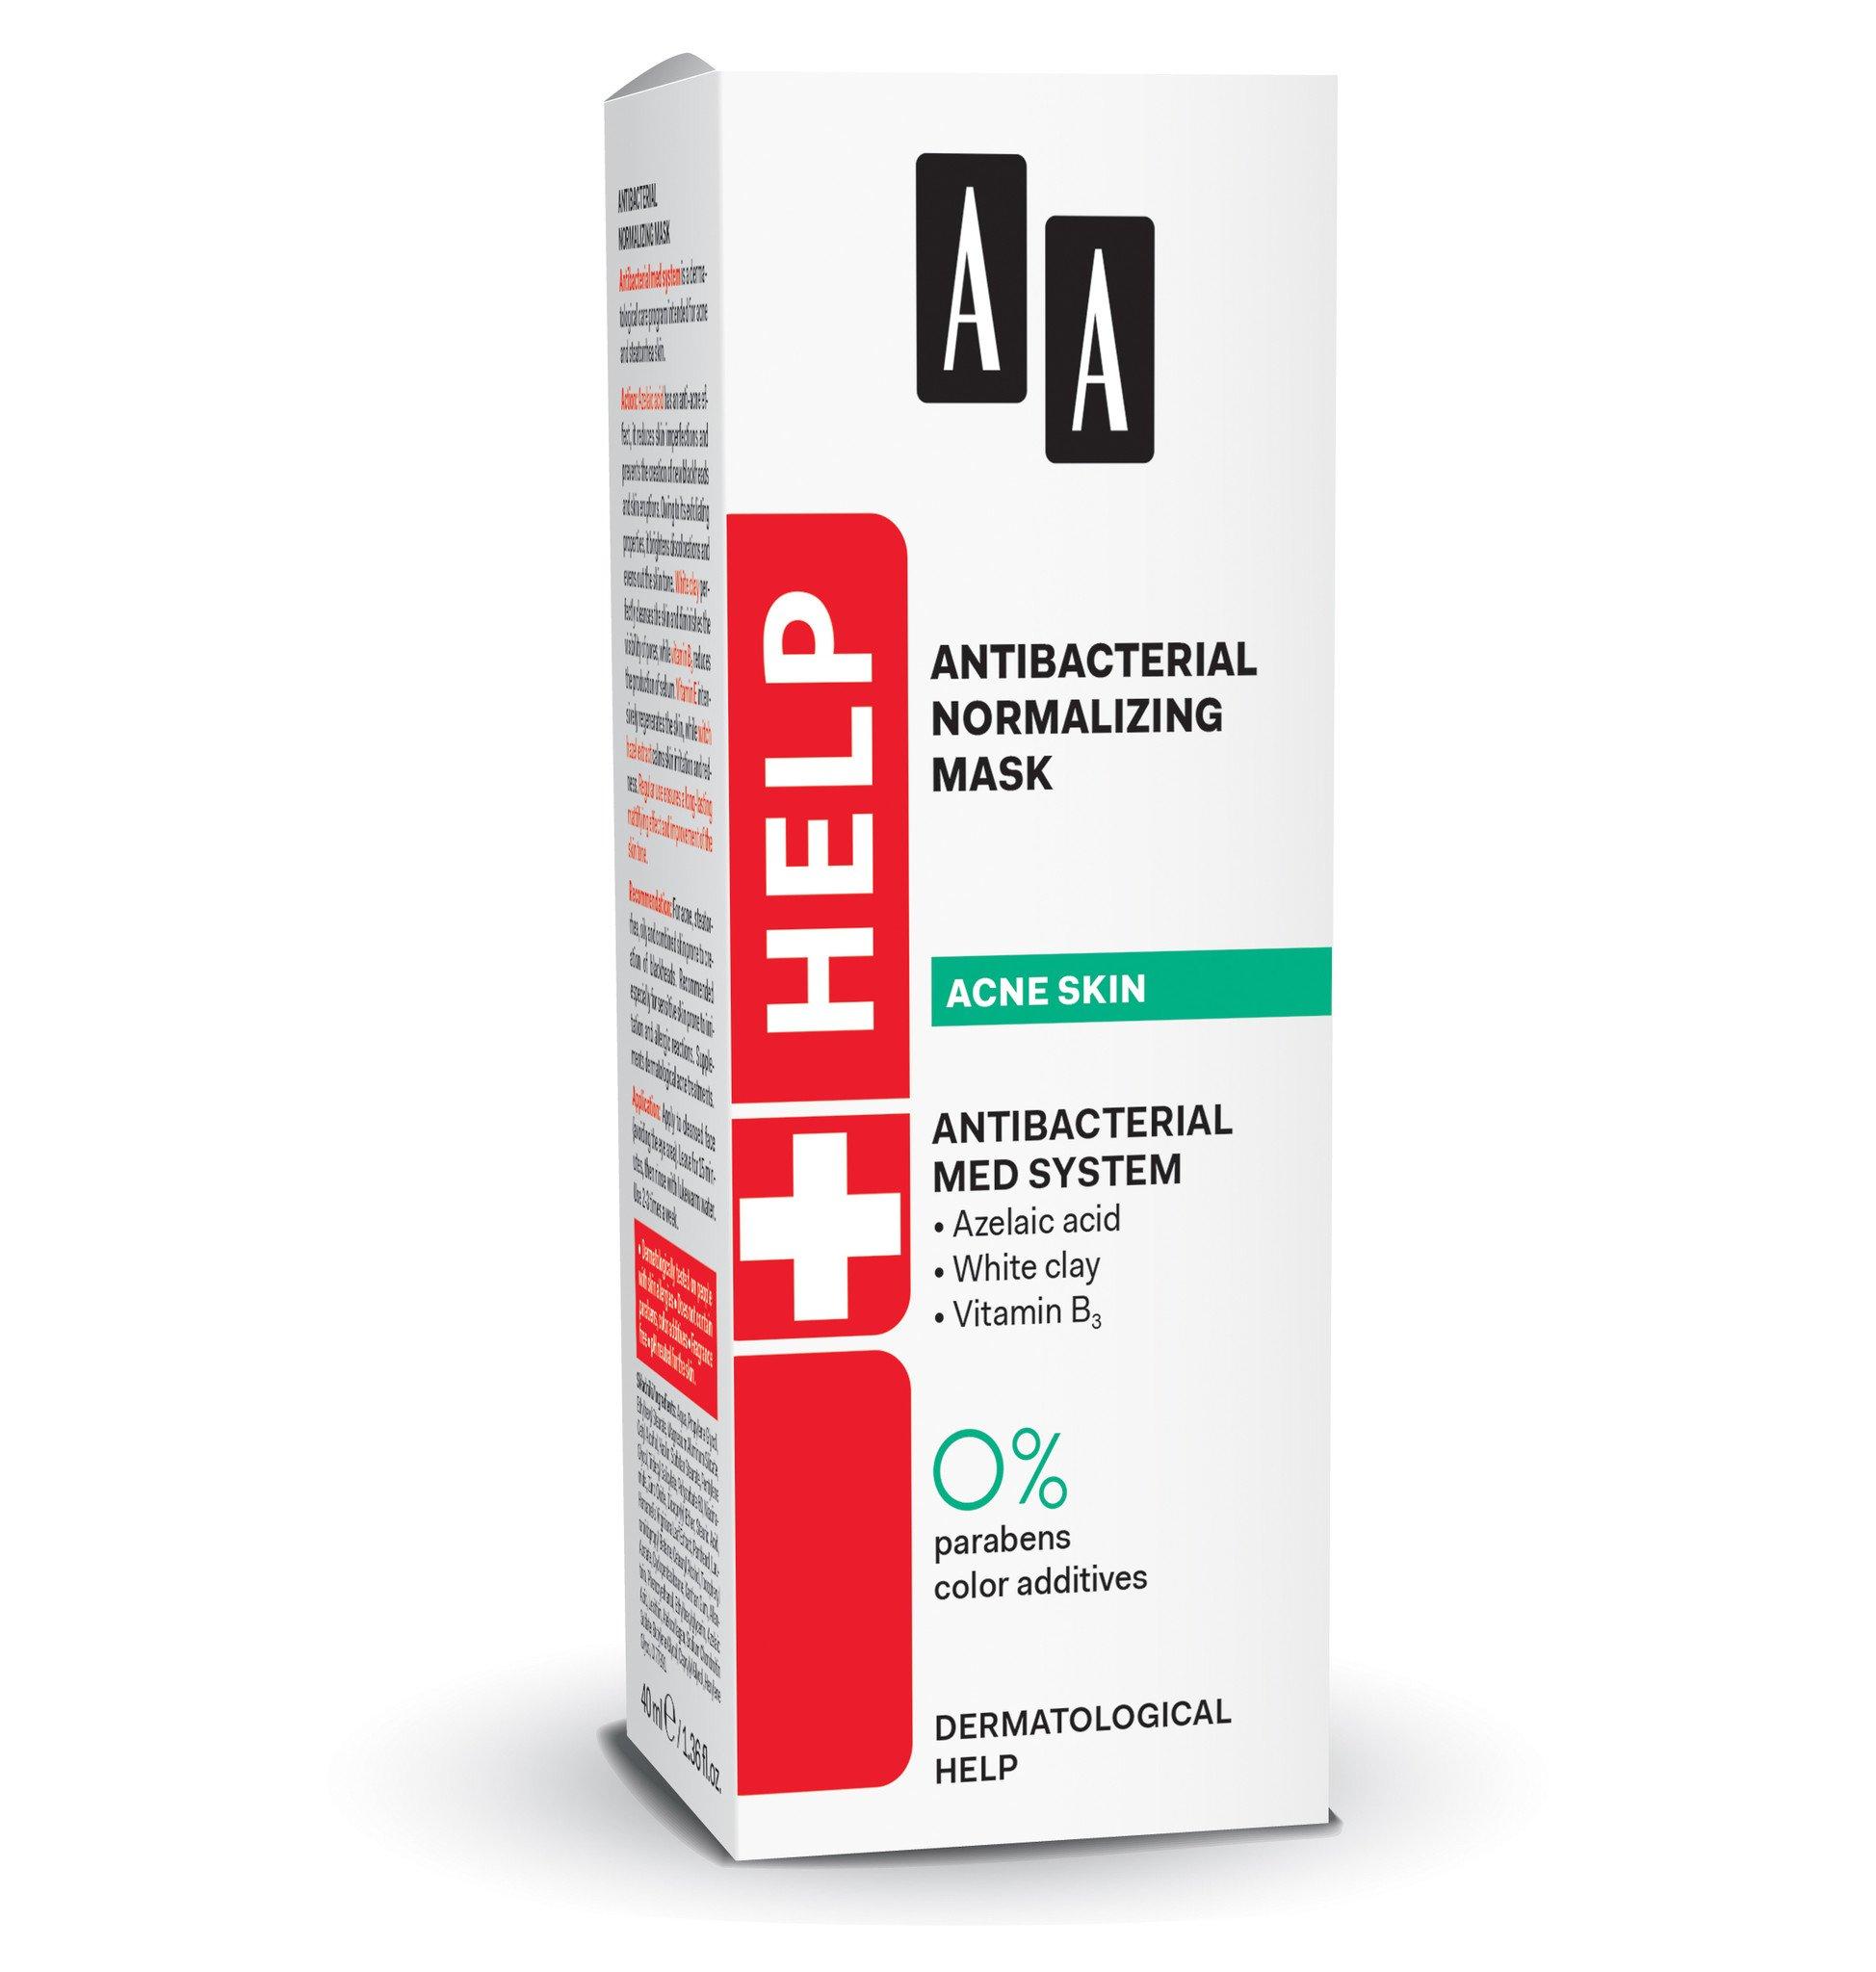 AA HELP Acne Skin Antibacterial Normalising Mask